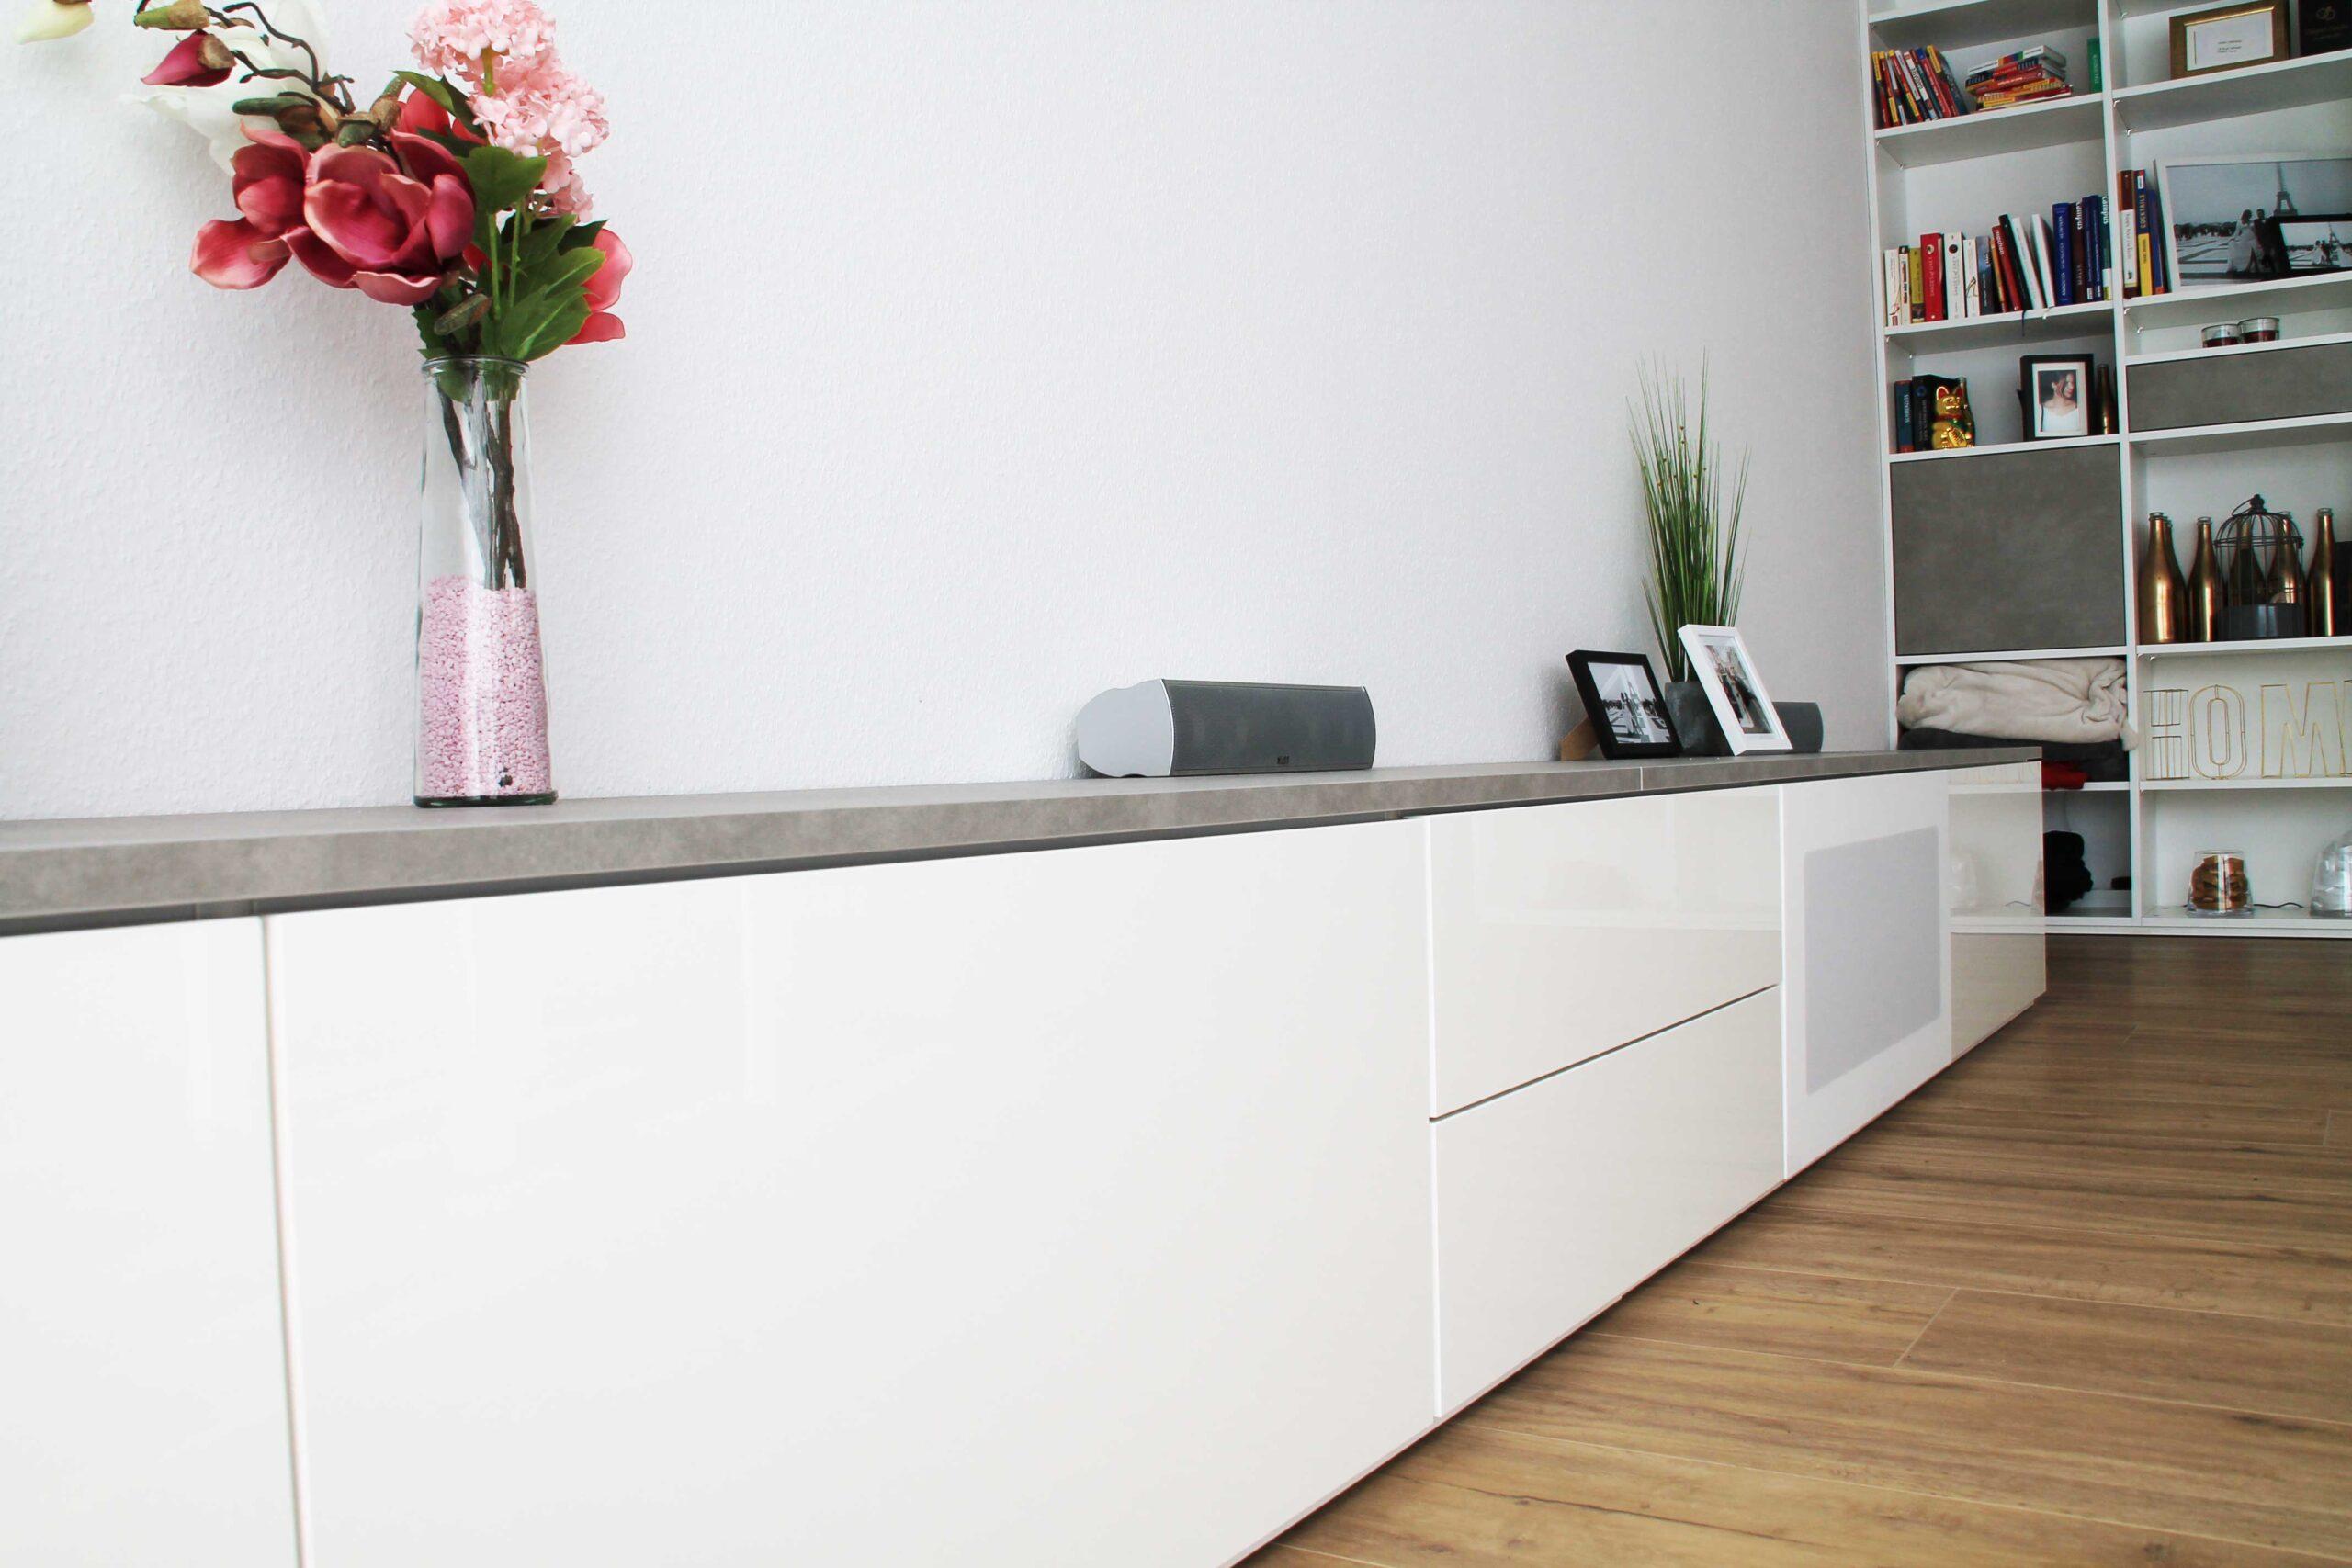 Full Size of Schrank Dachschräge Hinten Ikea Audiombel Meine Mbelmanufaktur Spiegelschrank Für Bad Miniküche Midischrank Unterschrank Hochschrank Weiß Küche Wohnzimmer Schrank Dachschräge Hinten Ikea